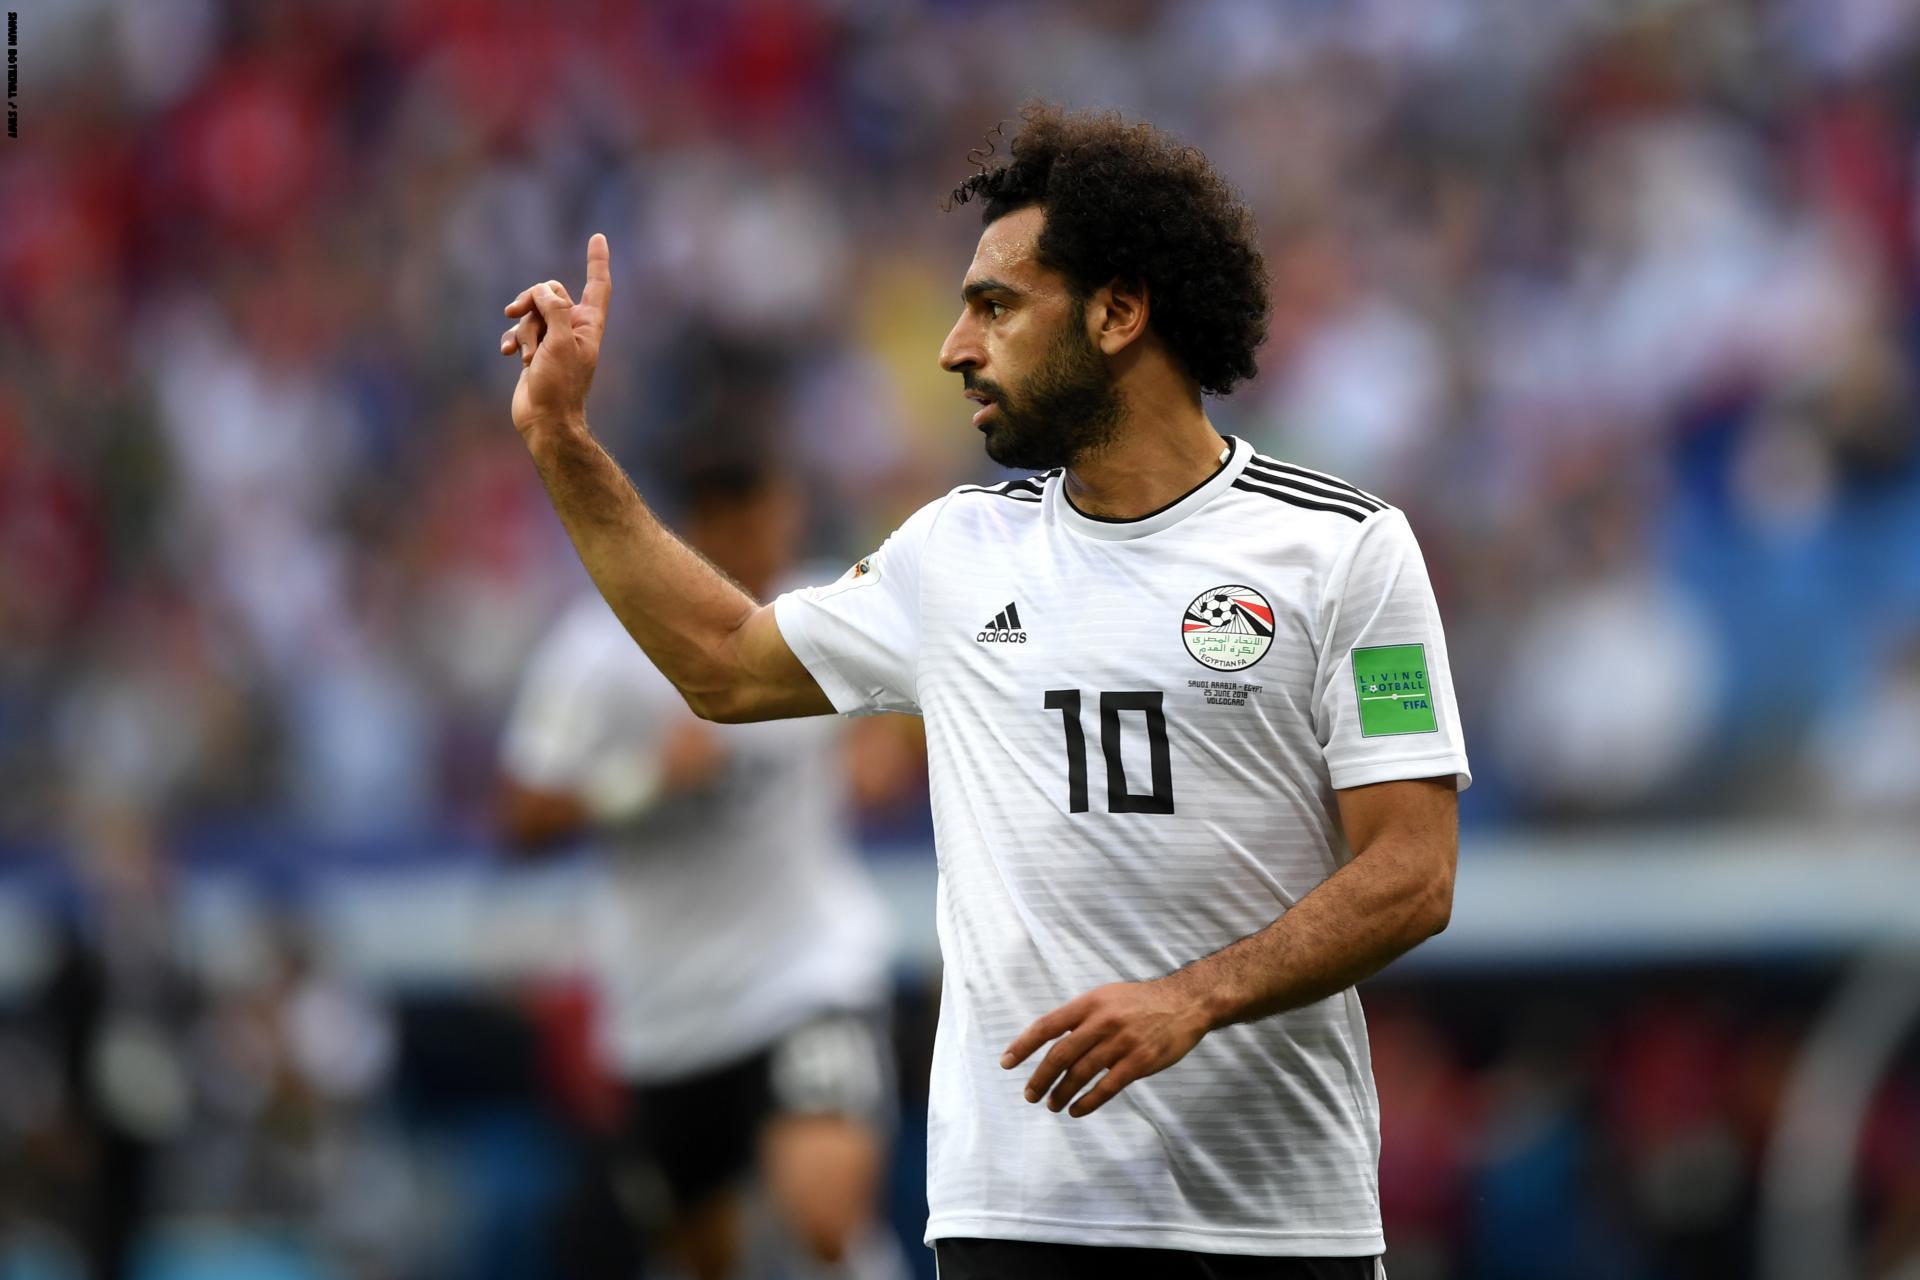 الفرعون-المصري-مرشح-لجائزتي-الأفضل-وأحسن-لاعب-في-أوروبا